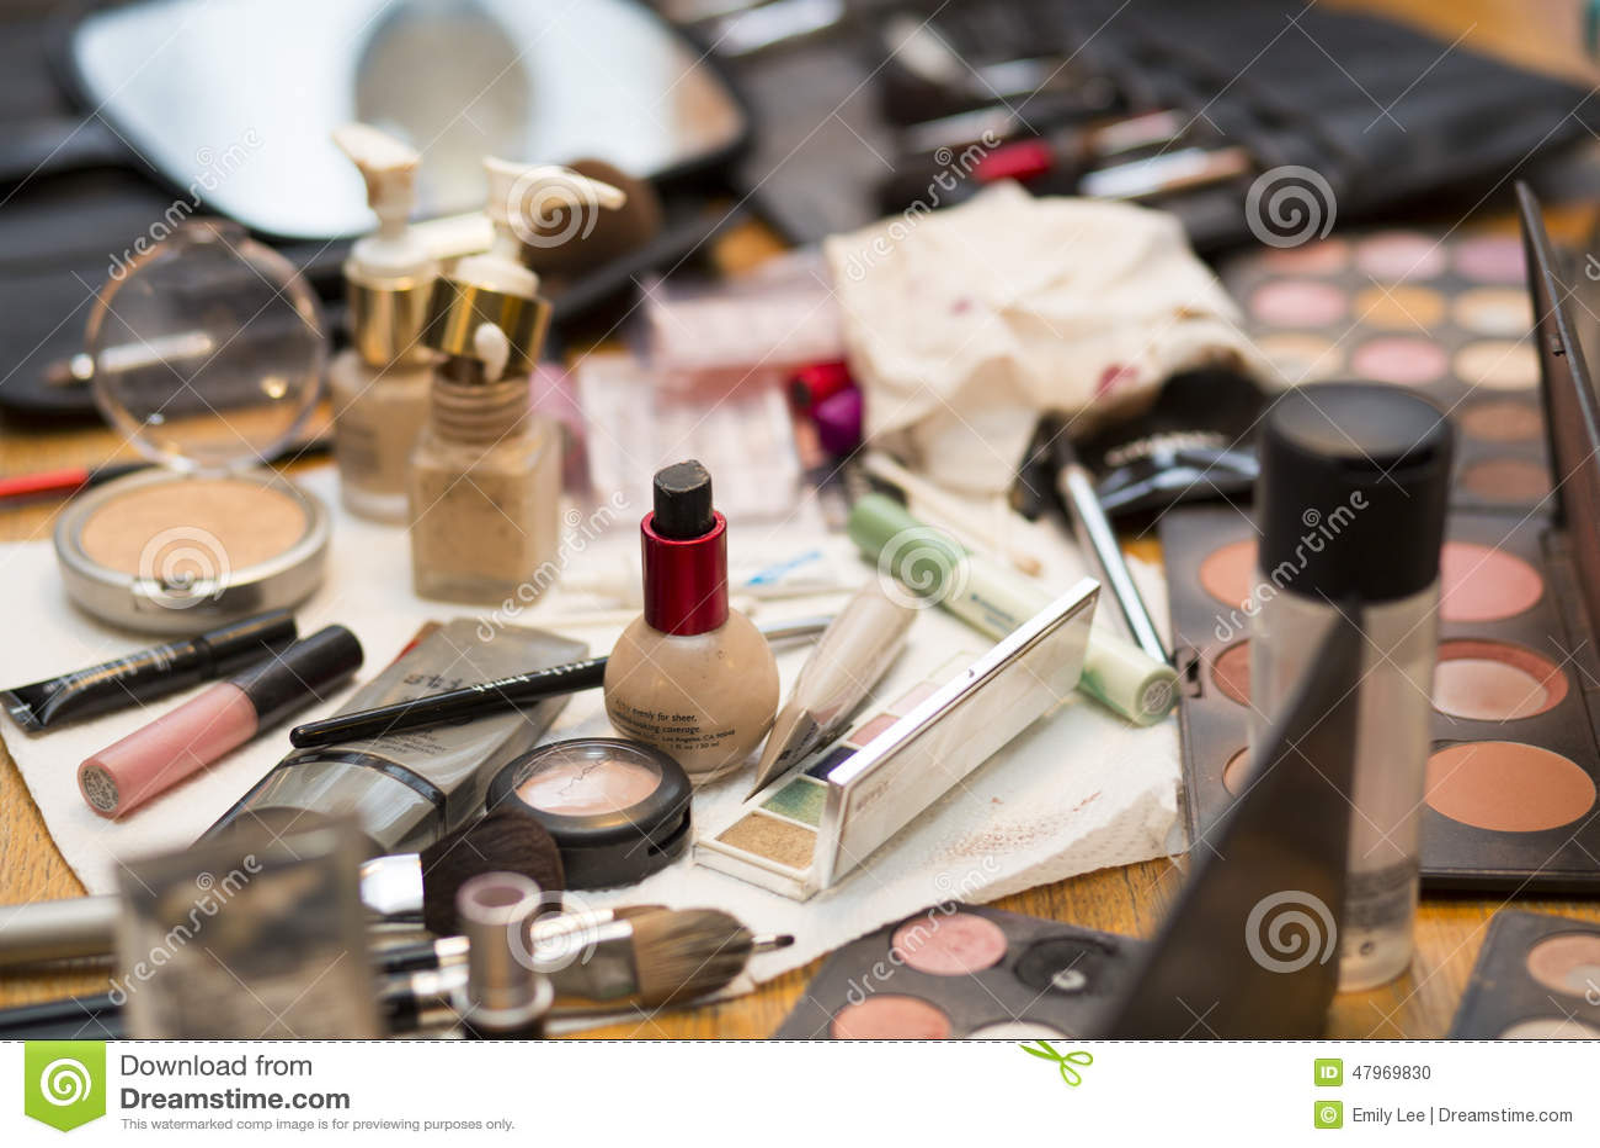 Array of Makeup